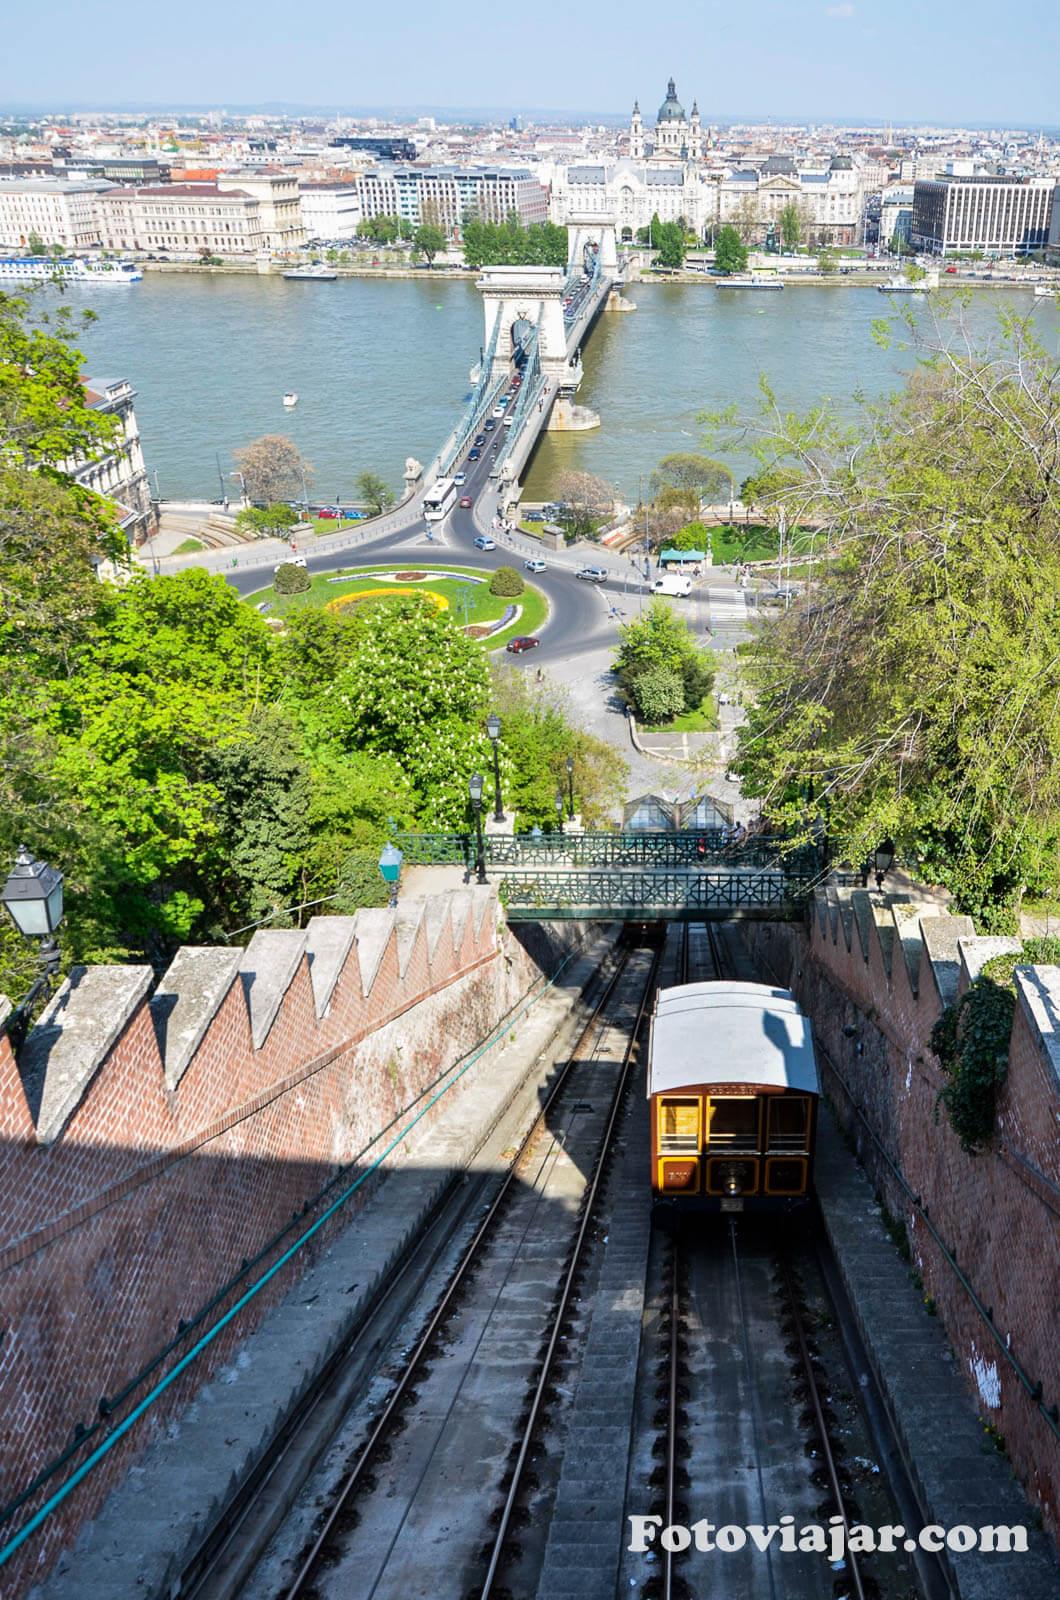 visitar budapeste funicular colina castelo